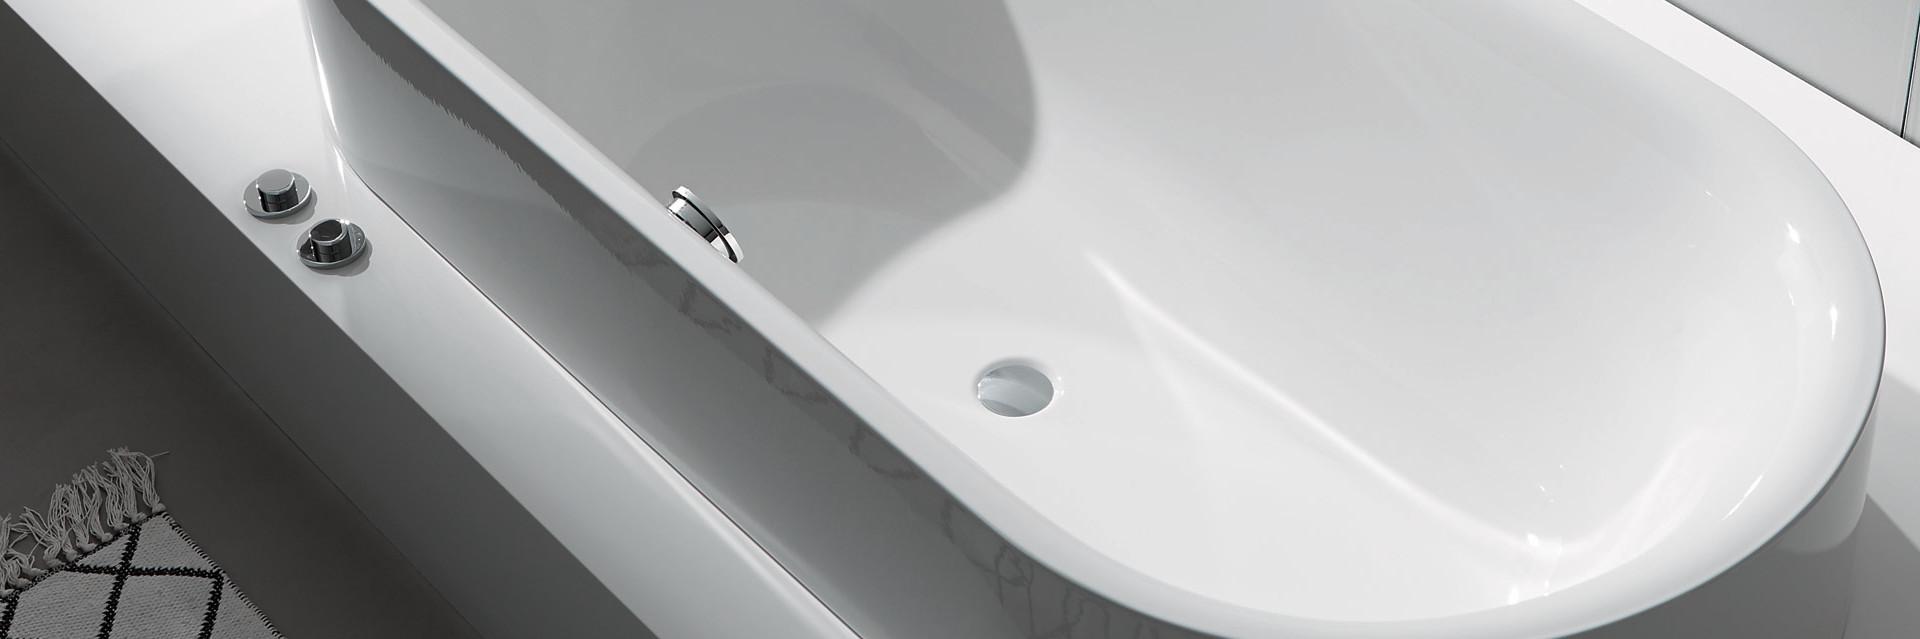 Bette titanium steel bathtub